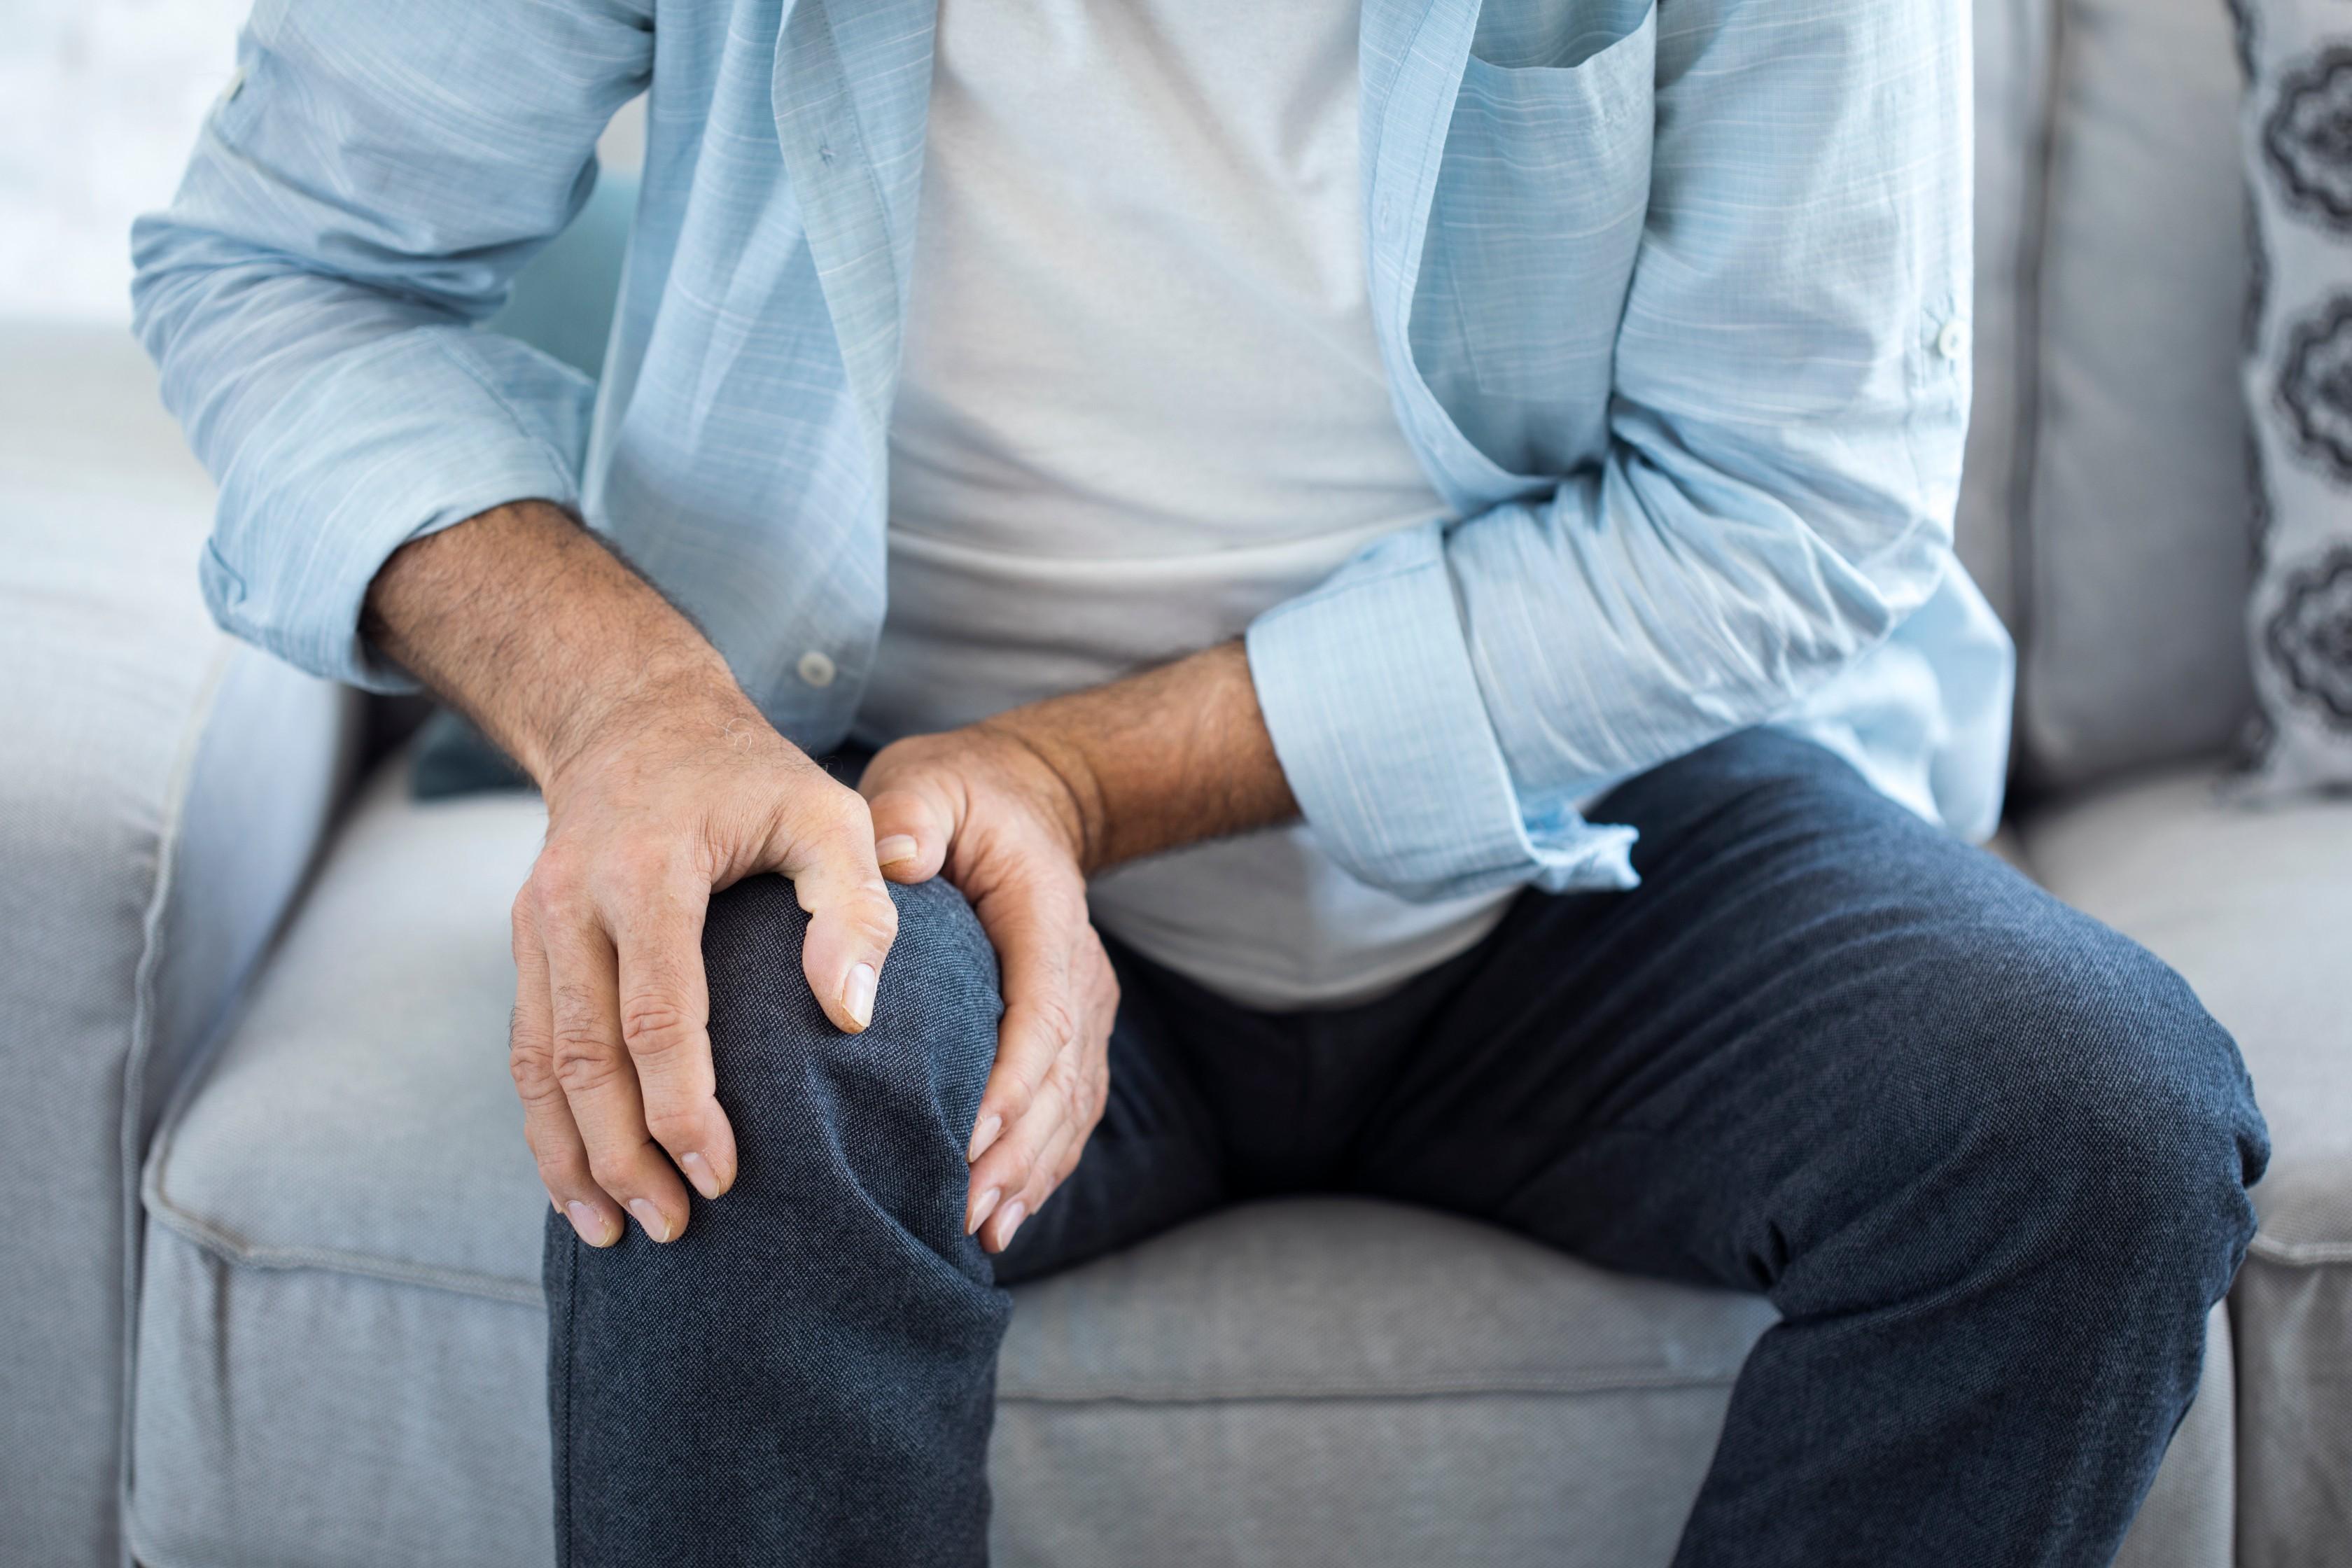 ízületi szöveti fájdalom a térd belső szalagjának fájdalma